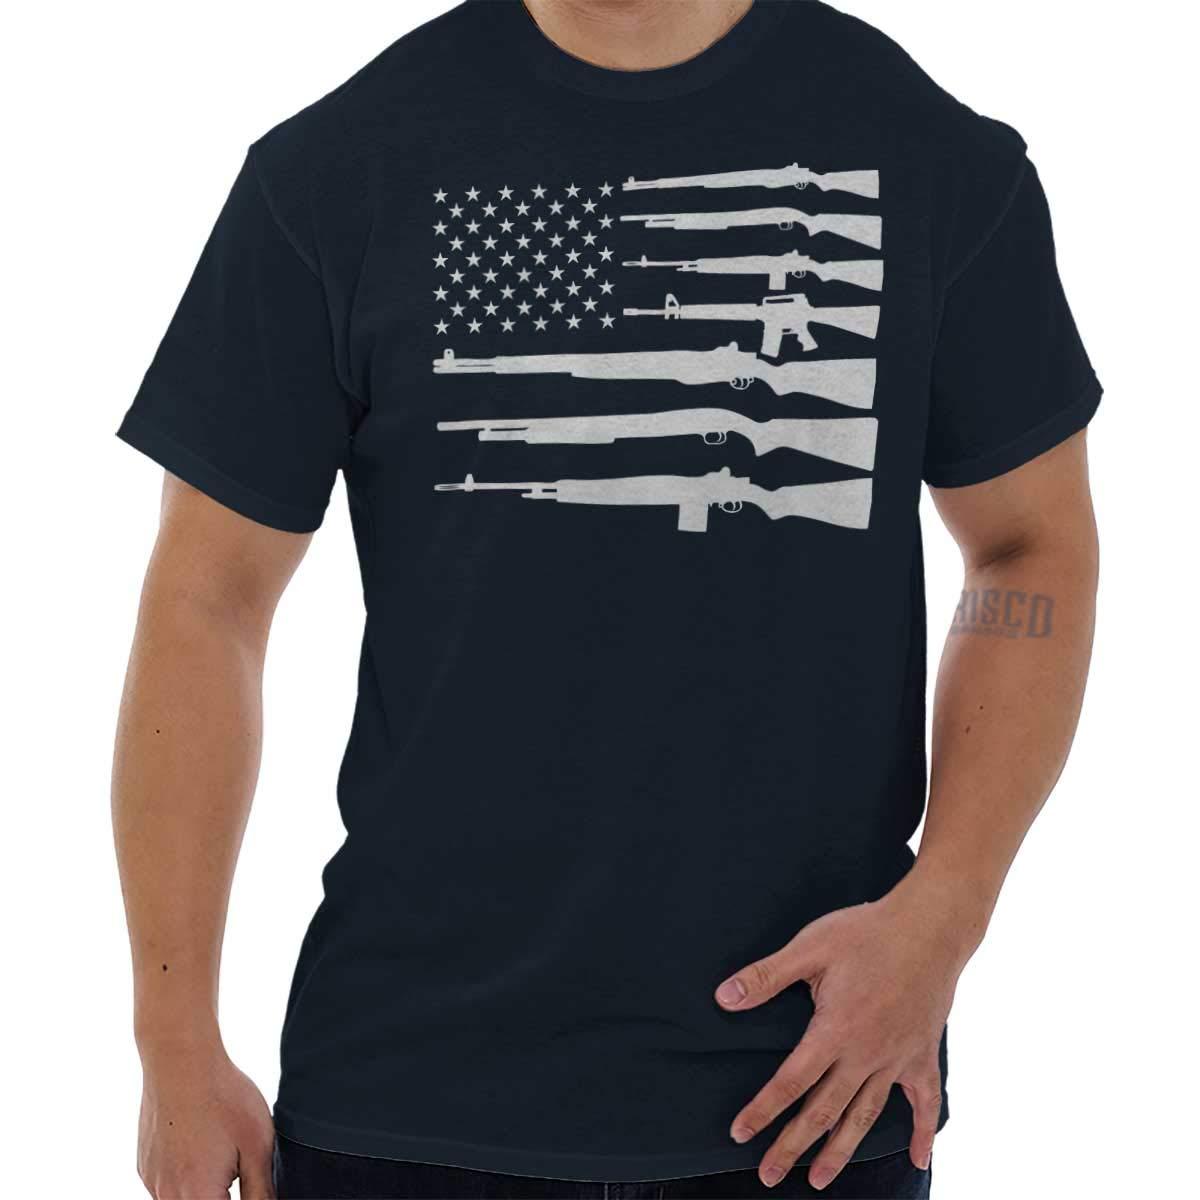 Brisco Brands America Flag Gun USA Shirt | Cool Patriot 2nd Amendment Rifle T-Shirt Tee